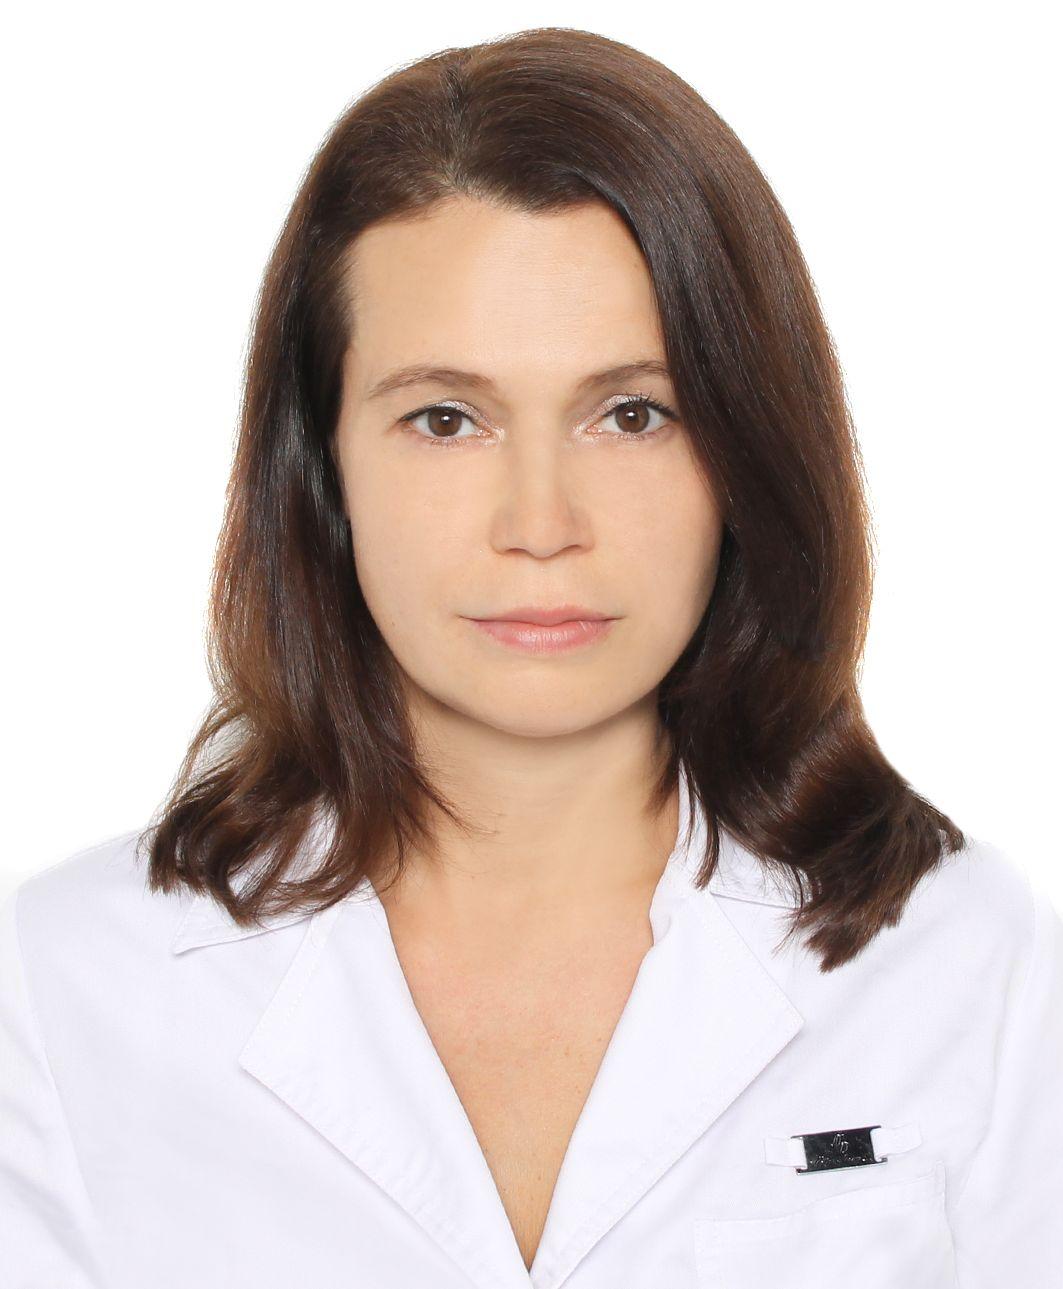 Тверской врач-кардиолог напомнила о важности соблюдения режима самоизоляции